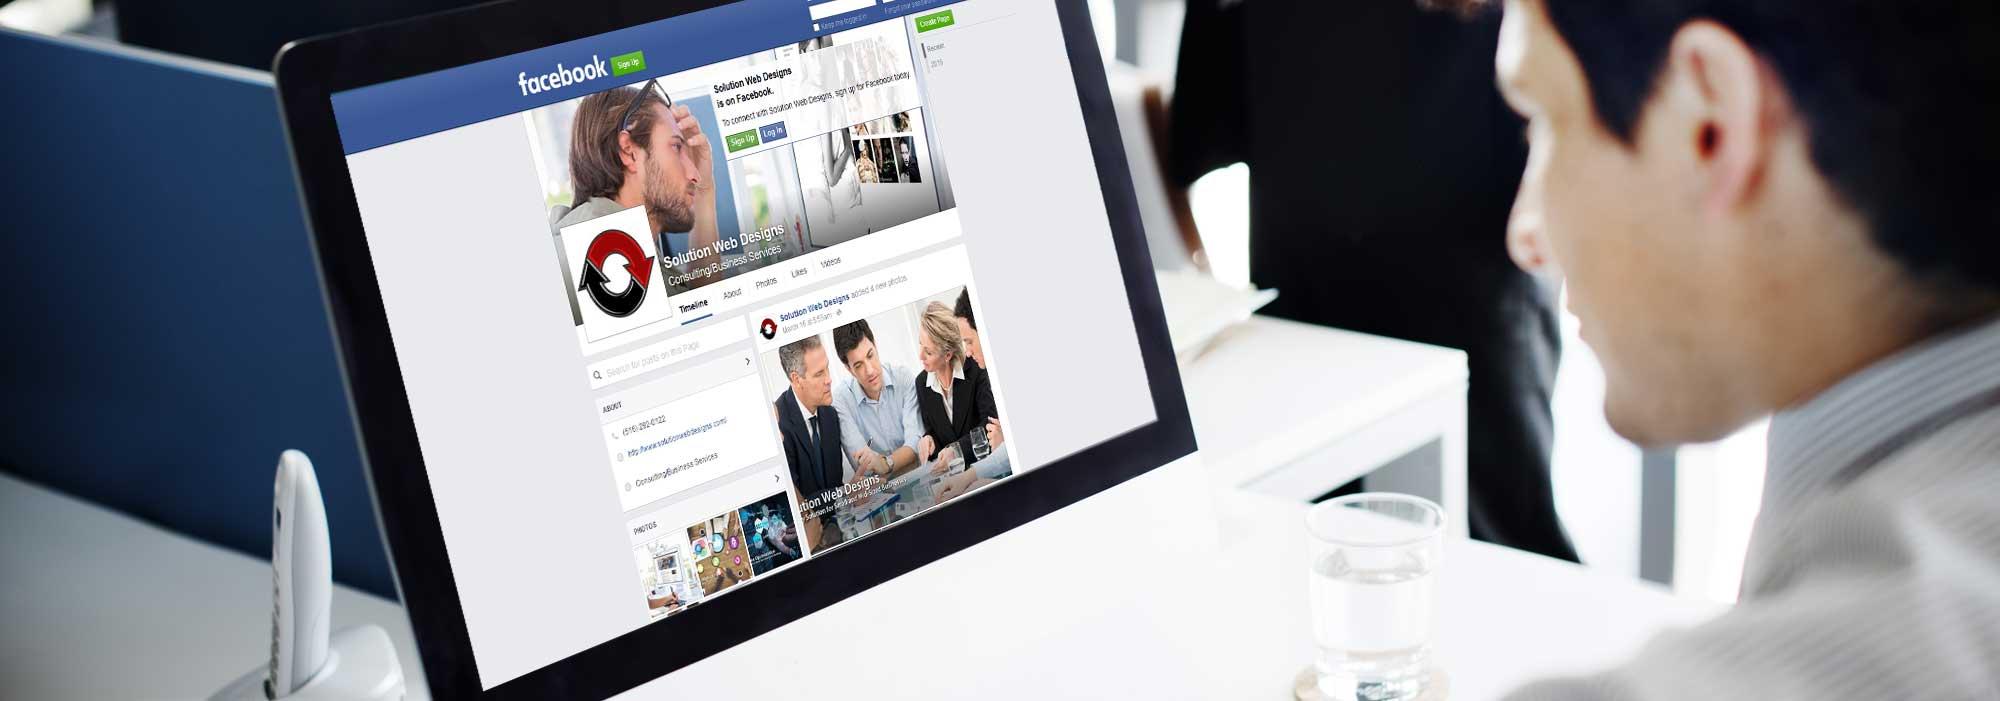 Social Media Agency - Solution Web Designs